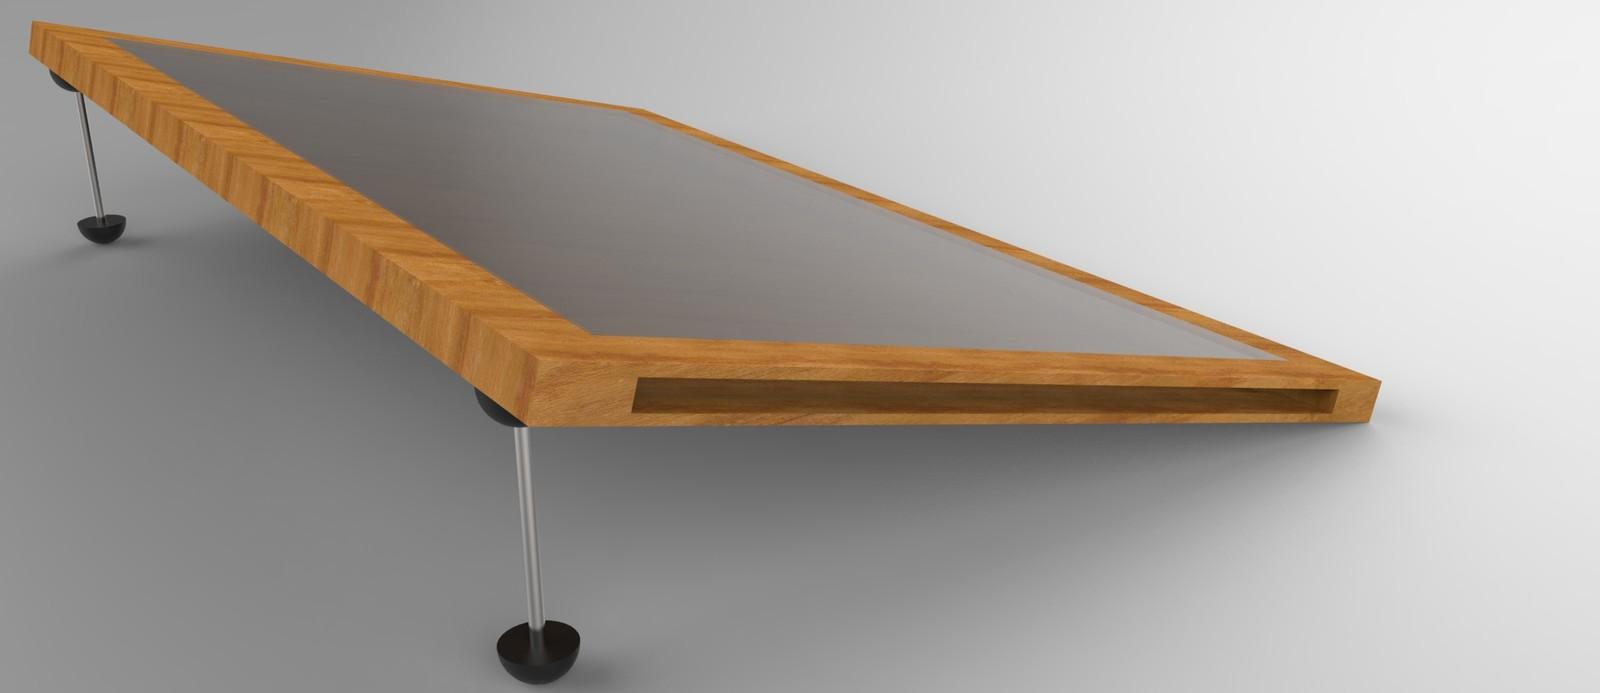 dislexia board perspective by hugo matilde